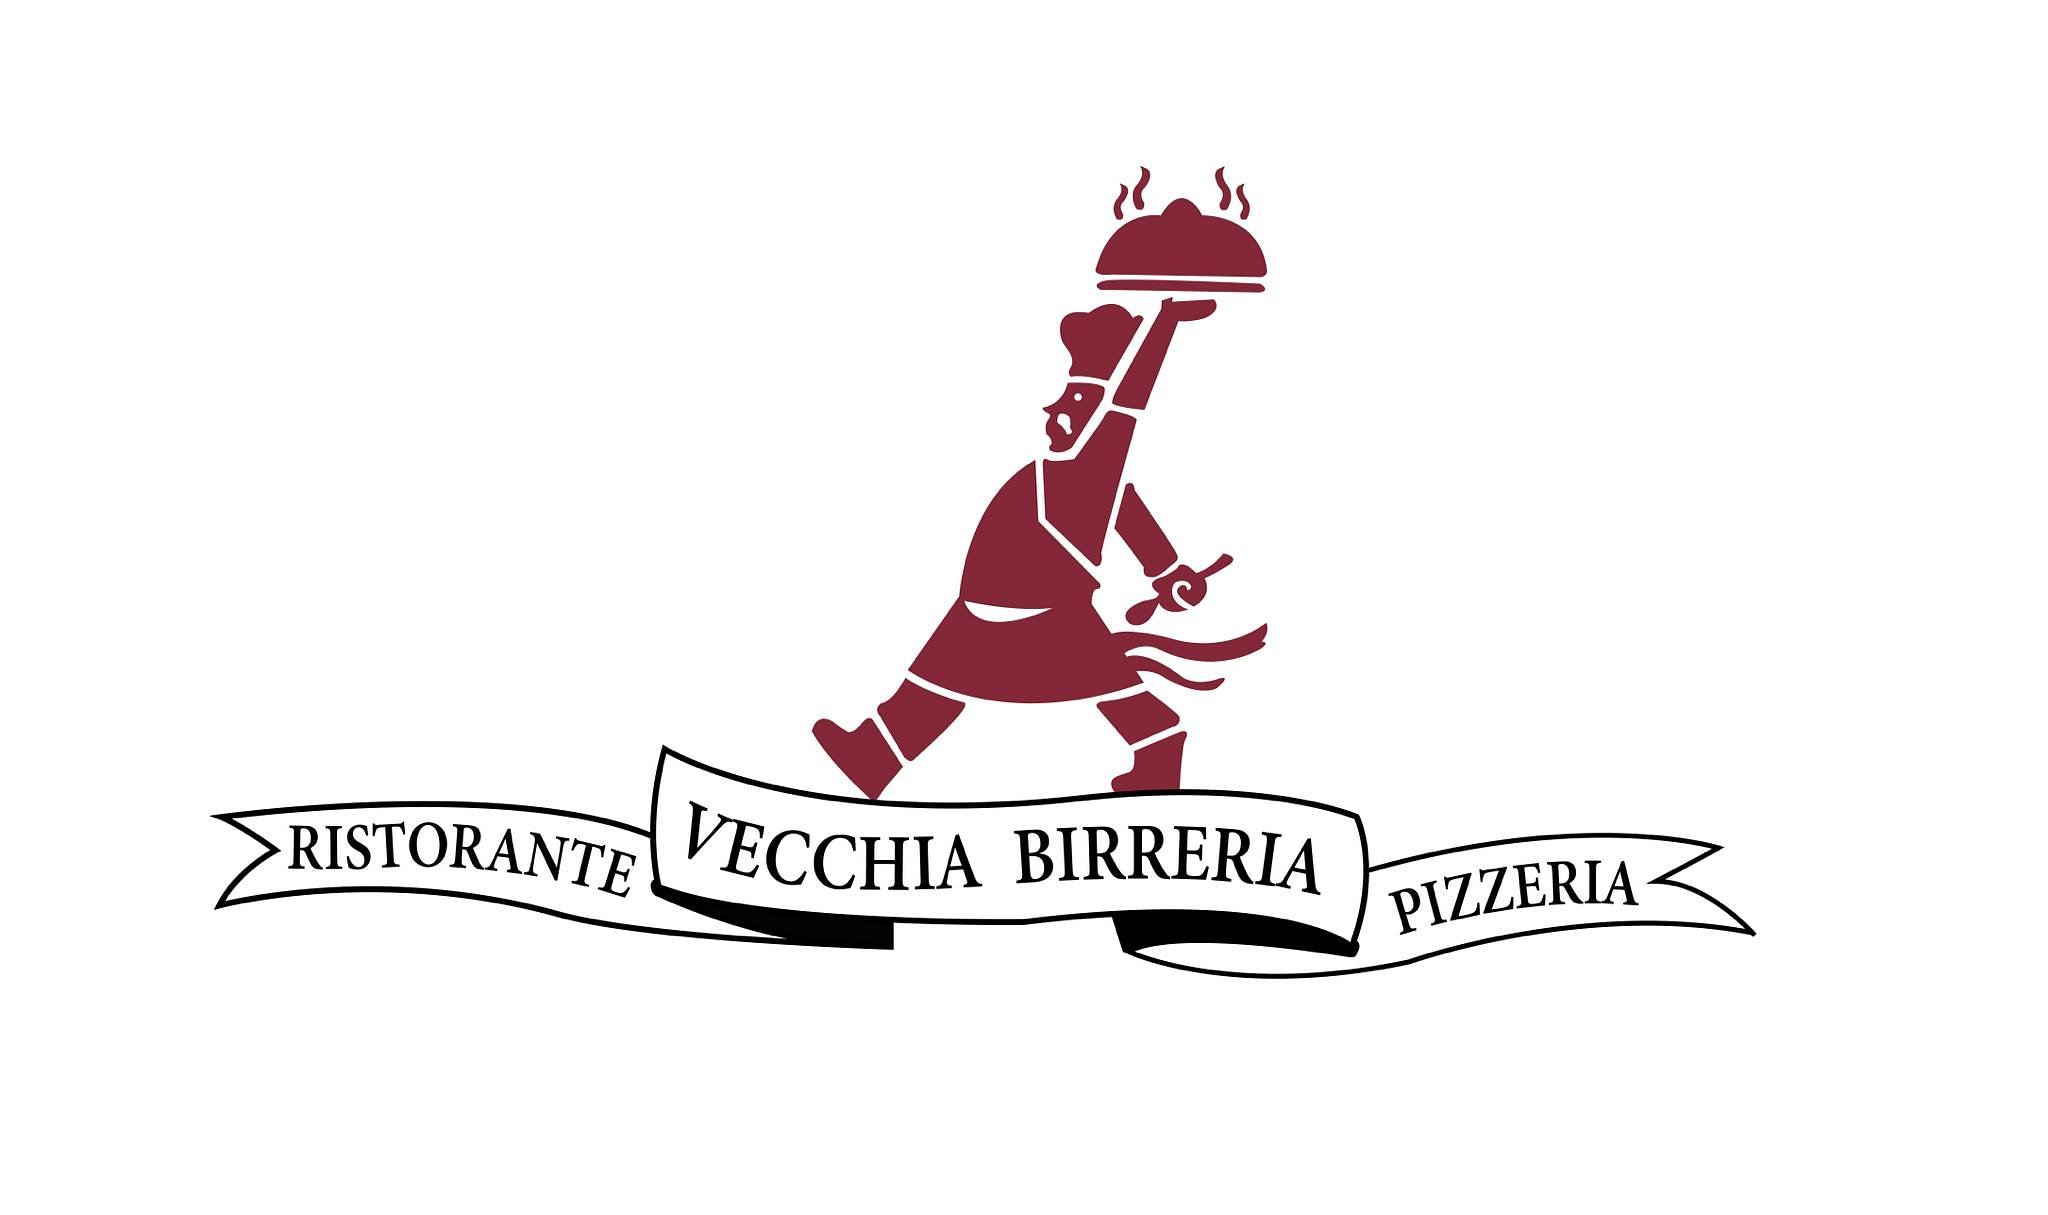 Vecchia Birreria